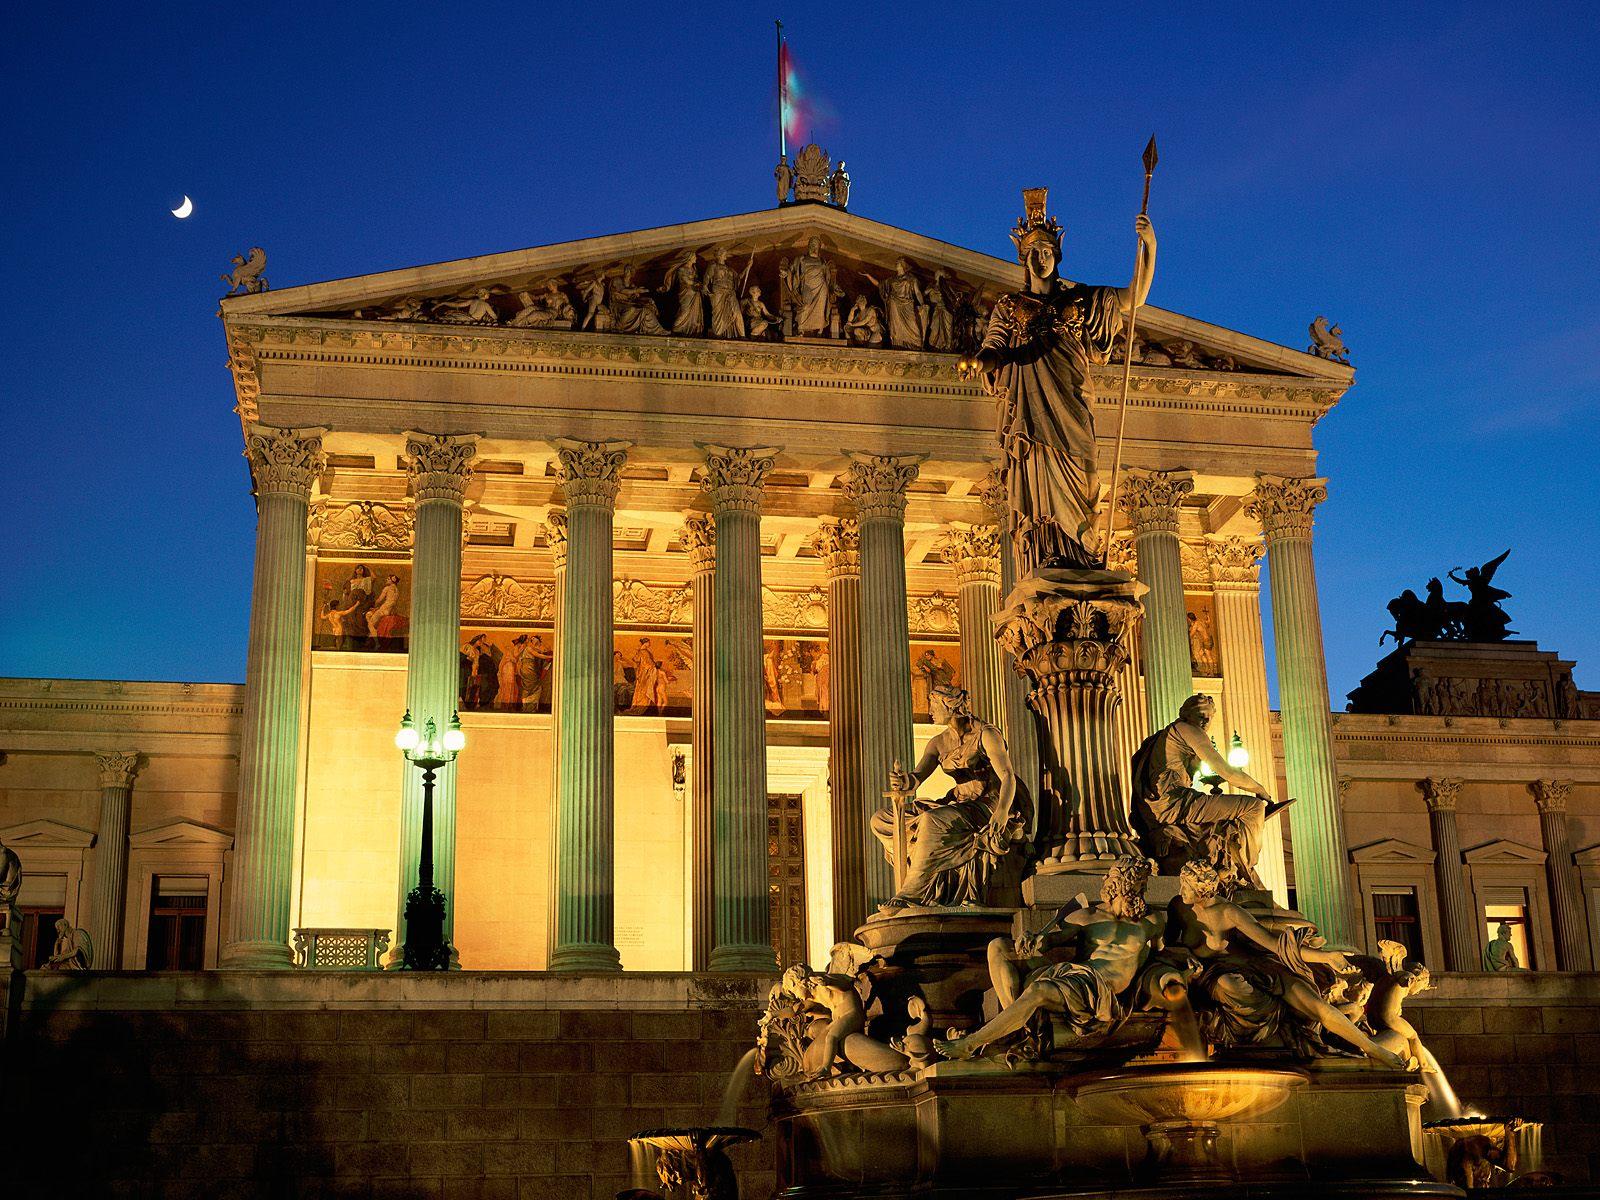 http://2.bp.blogspot.com/-UWgvOvNK-kA/TonLVJVvjrI/AAAAAAAAAY8/jh1GOKuyTFQ/s1600/Pallas+Athene+Fountain%252C+Parliament+Building%252C+Vienna%252C+Austria.jpg